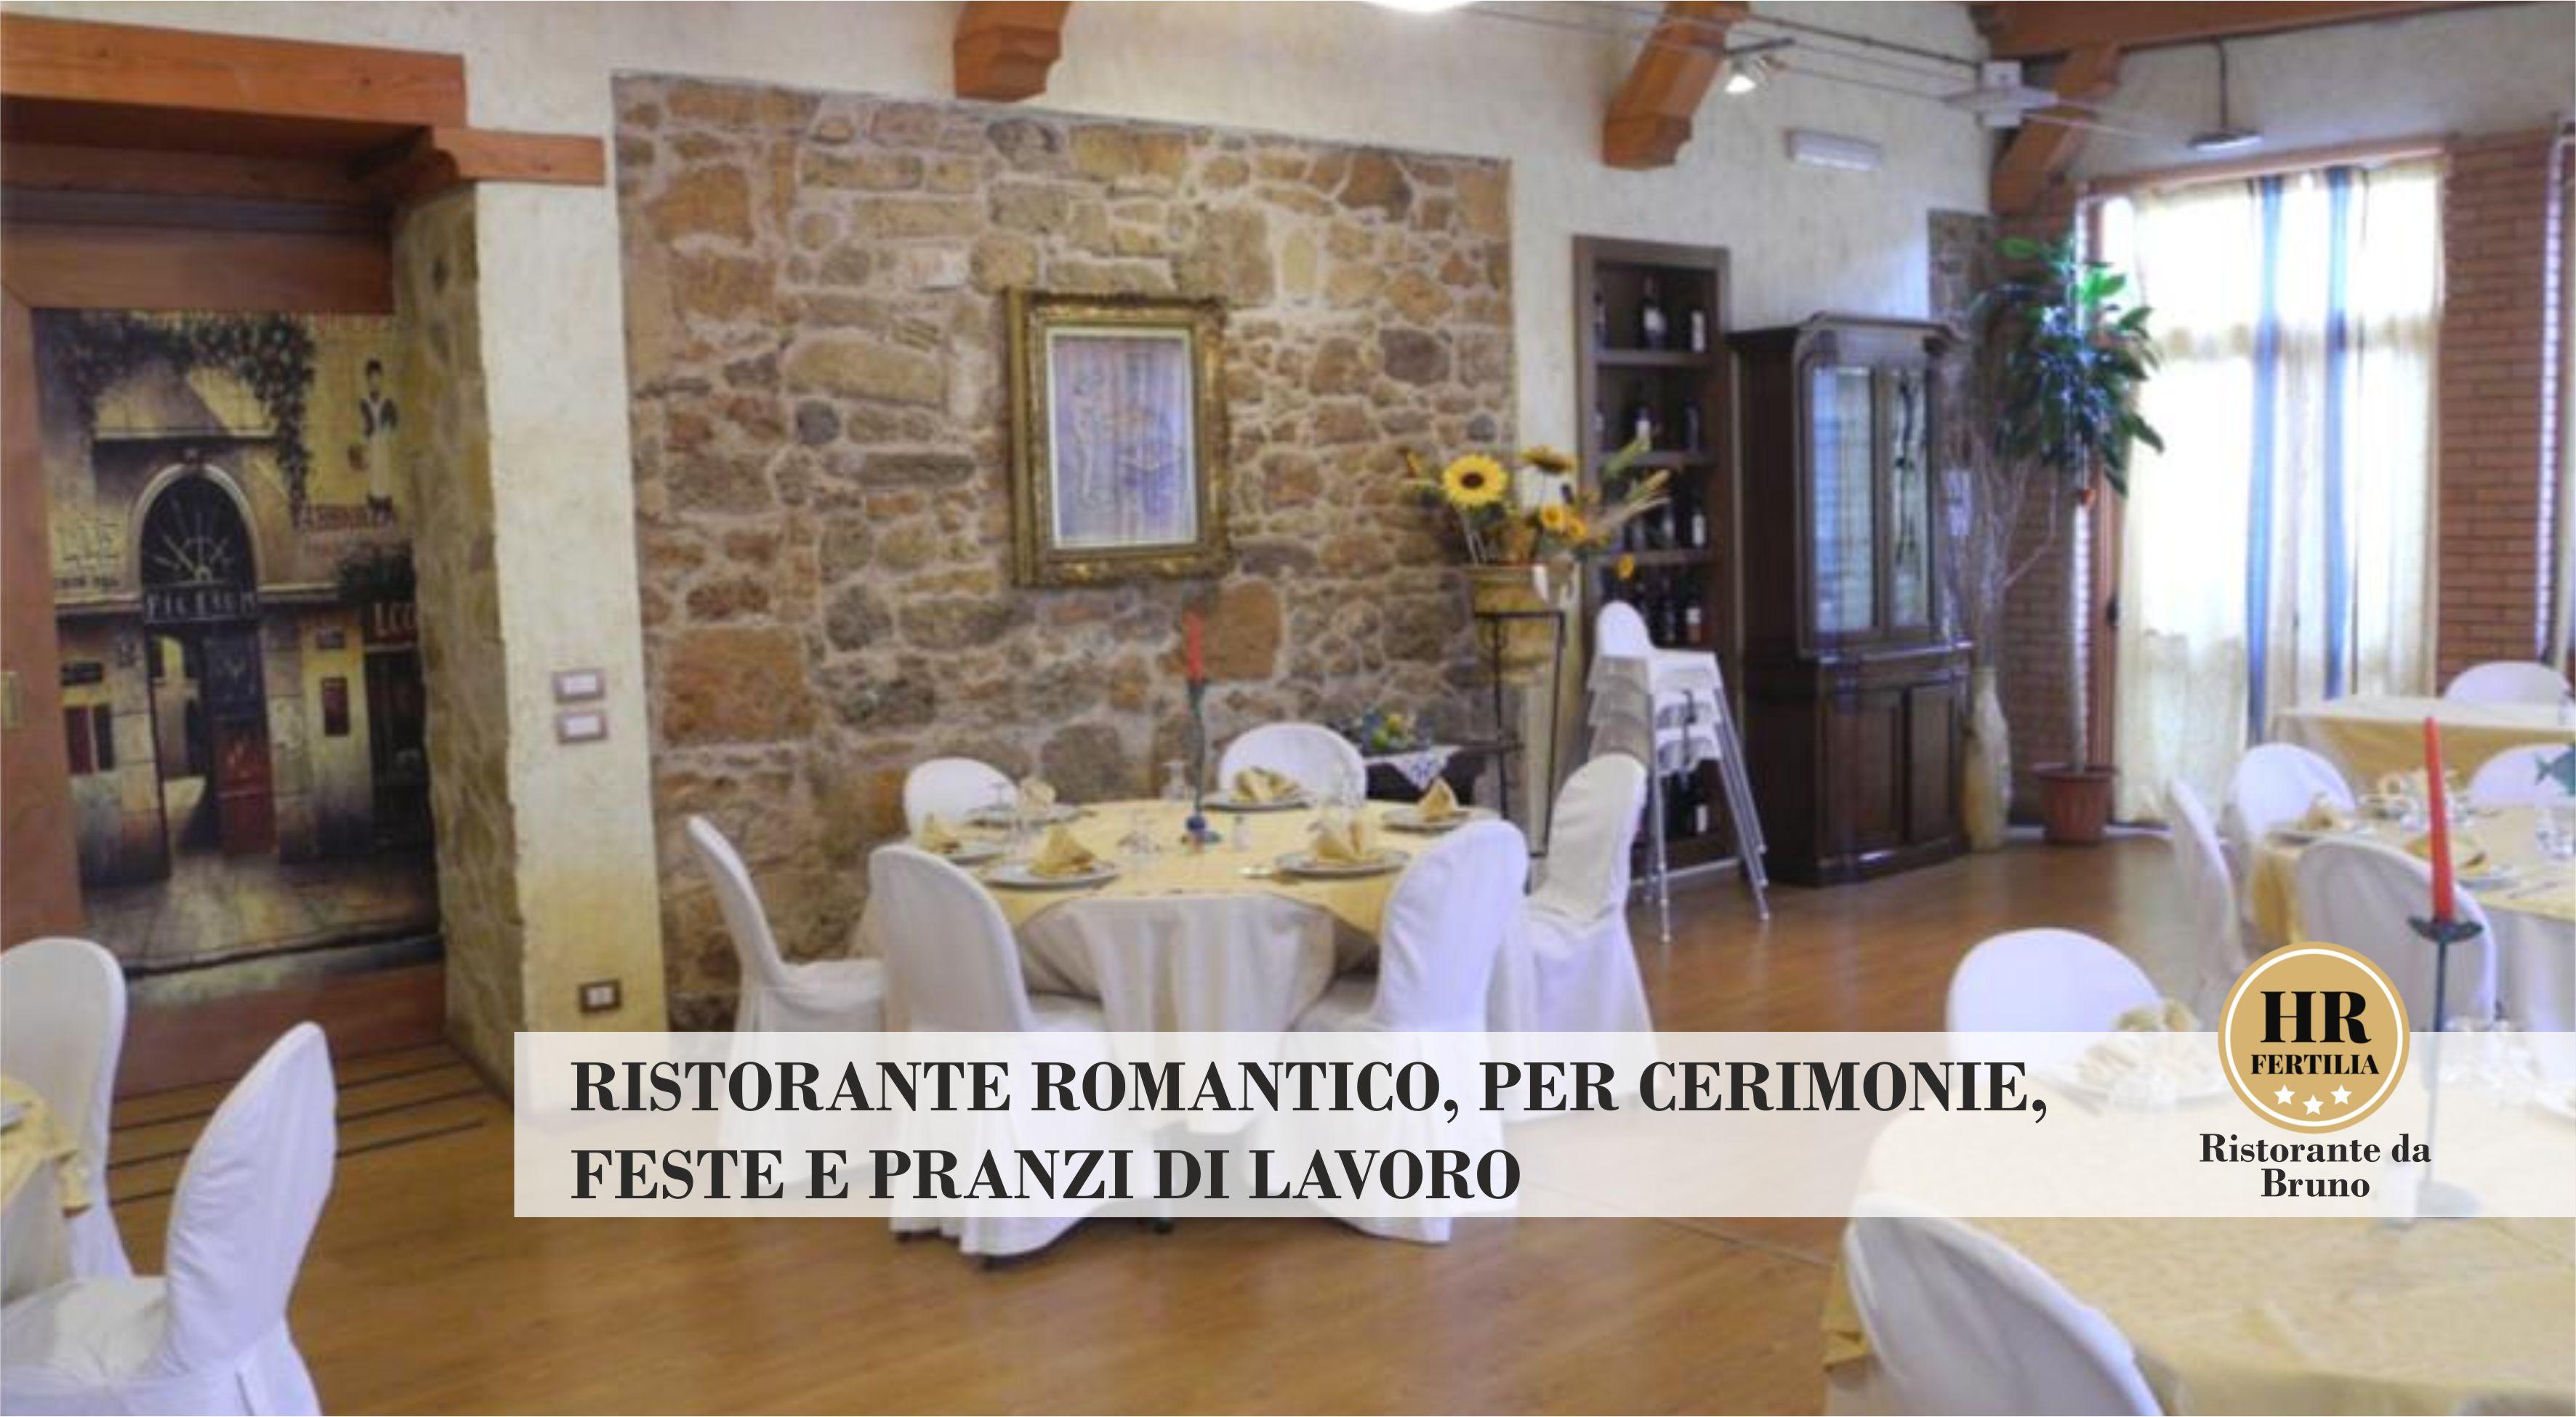 RISTORANTE ROMANTICO, PER CERIMONIE, FESTE E PRANZI DI LAVORO